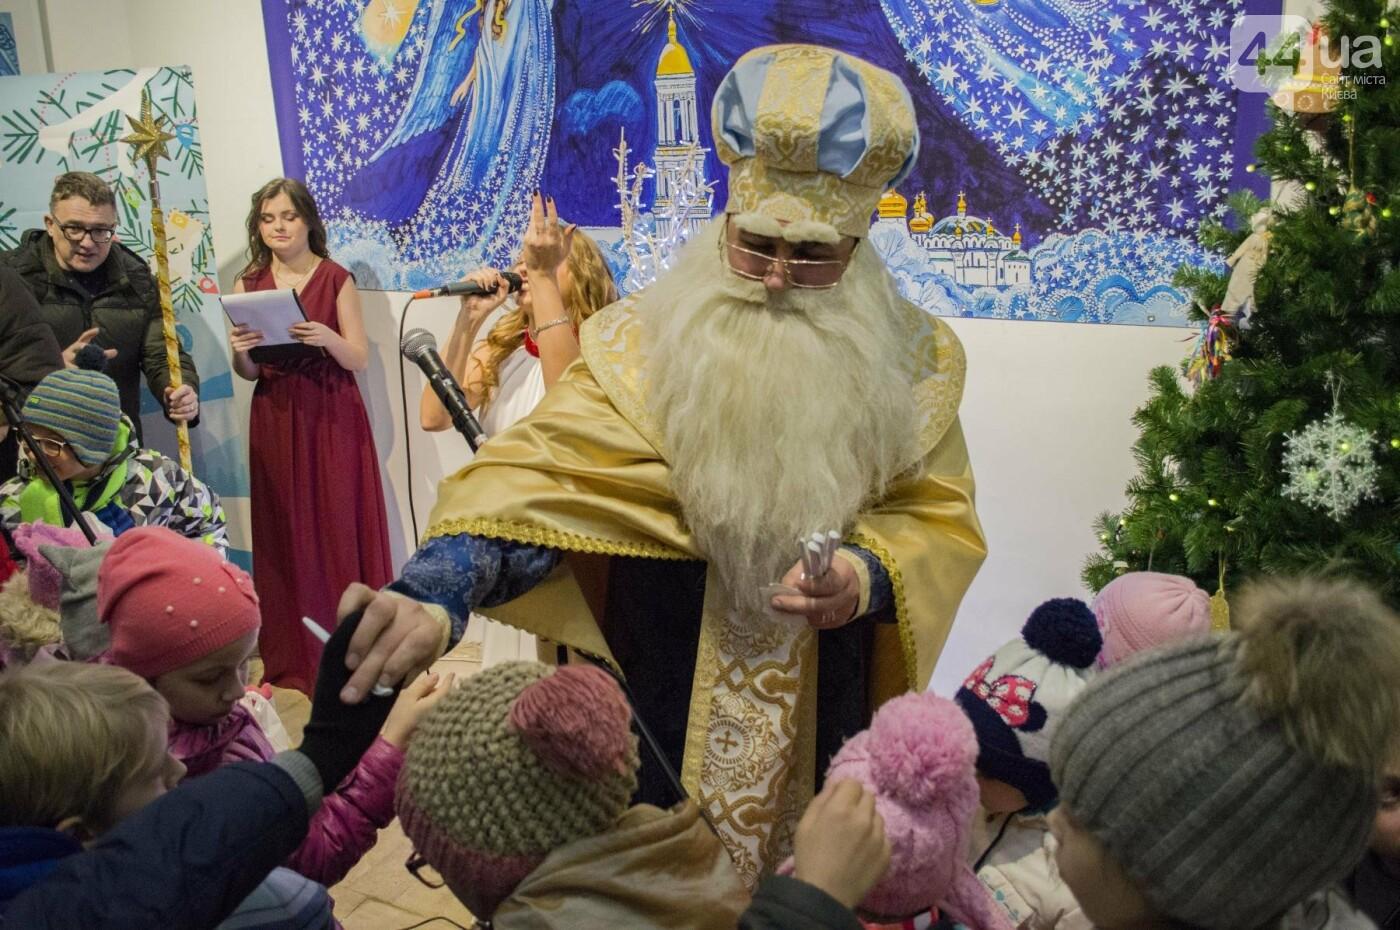 В Киеве торжественно открыли резиденцию Святого Николая, как это было, фото-10